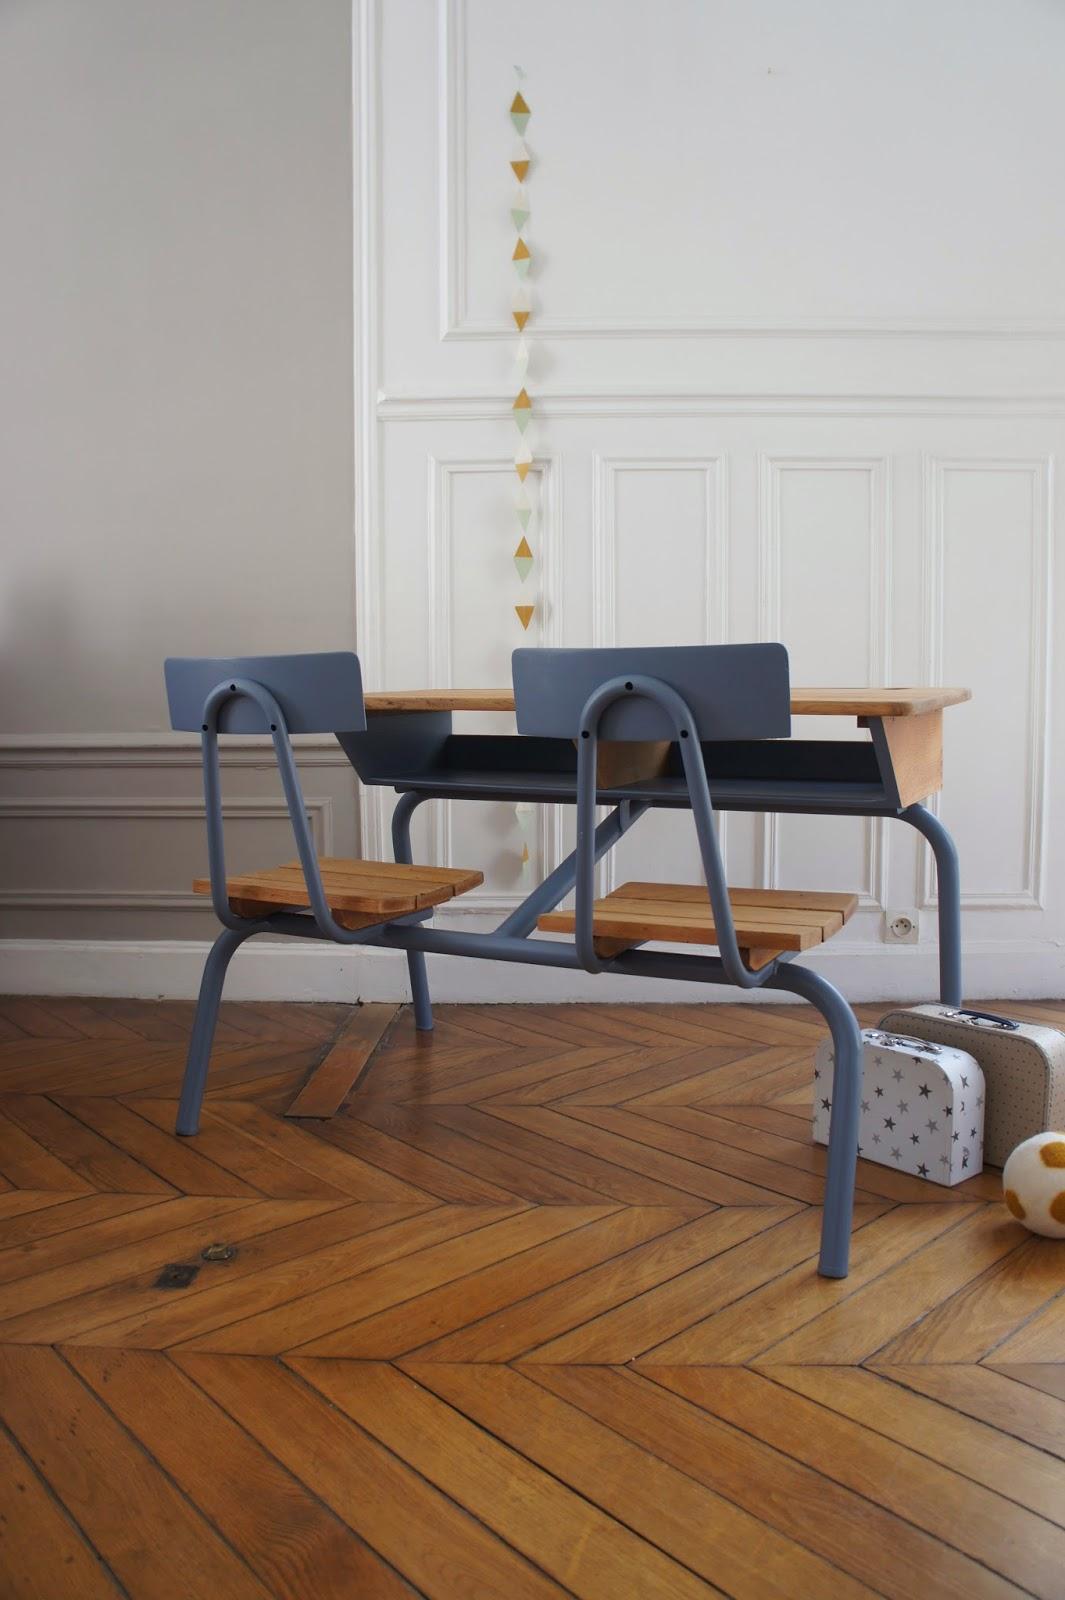 atelier petit toit pupitre vintage revisit sur commande sept 14. Black Bedroom Furniture Sets. Home Design Ideas